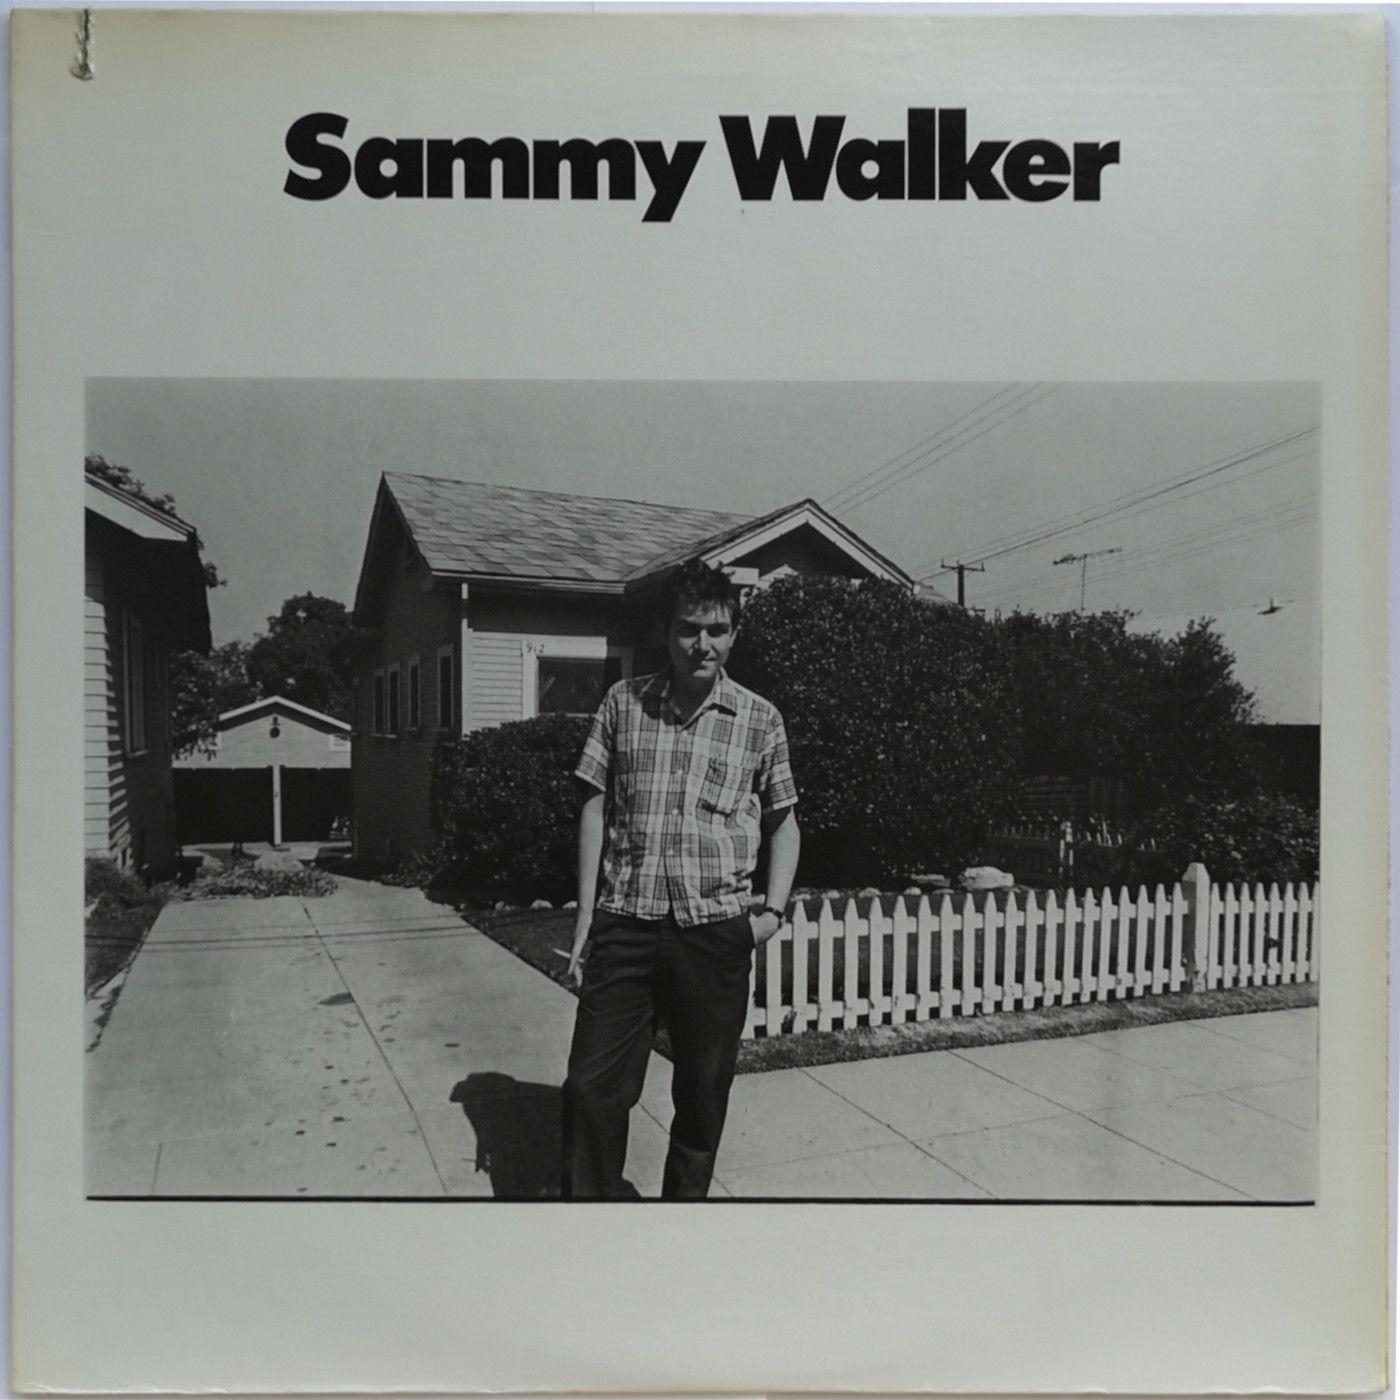 Sammy Walker Sammy Walker LP undefined